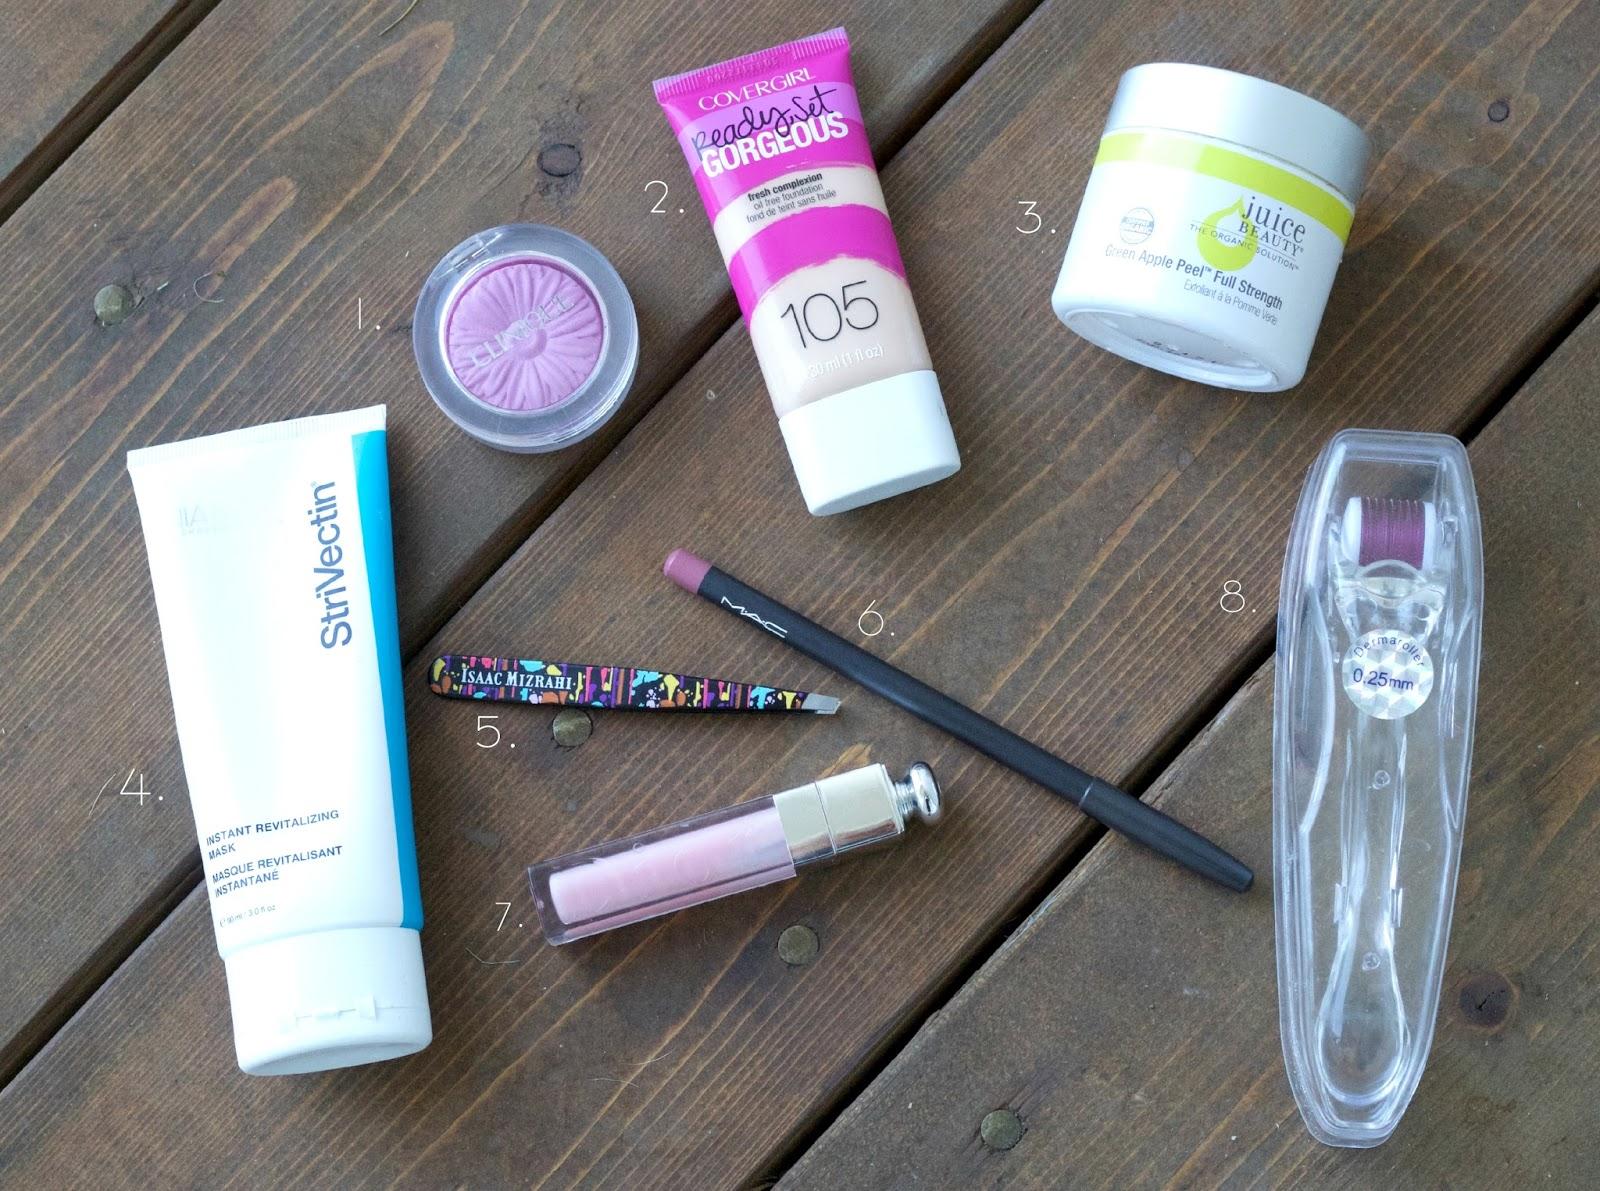 clinique color pop blush review